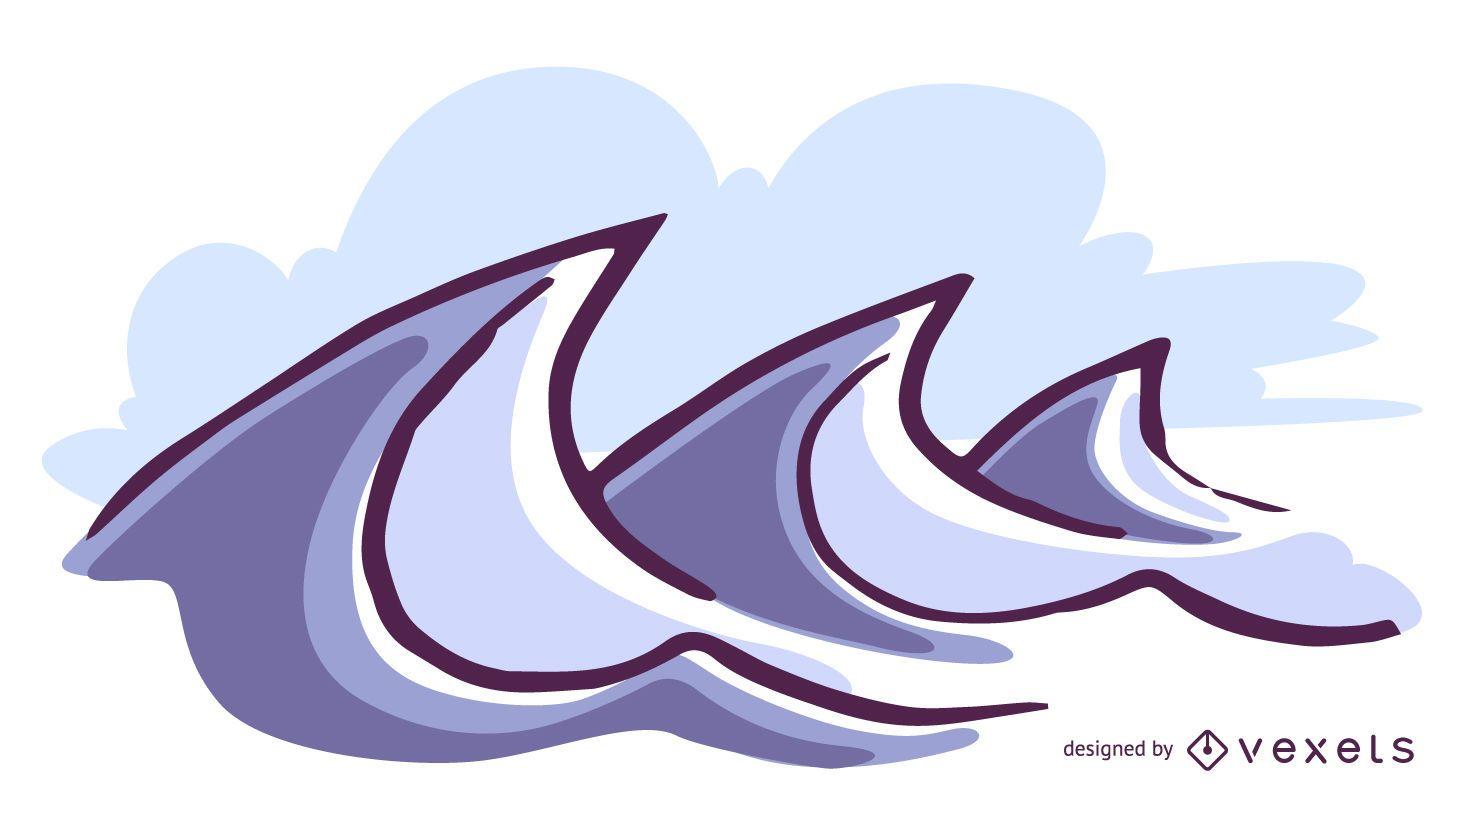 Big waves illustration